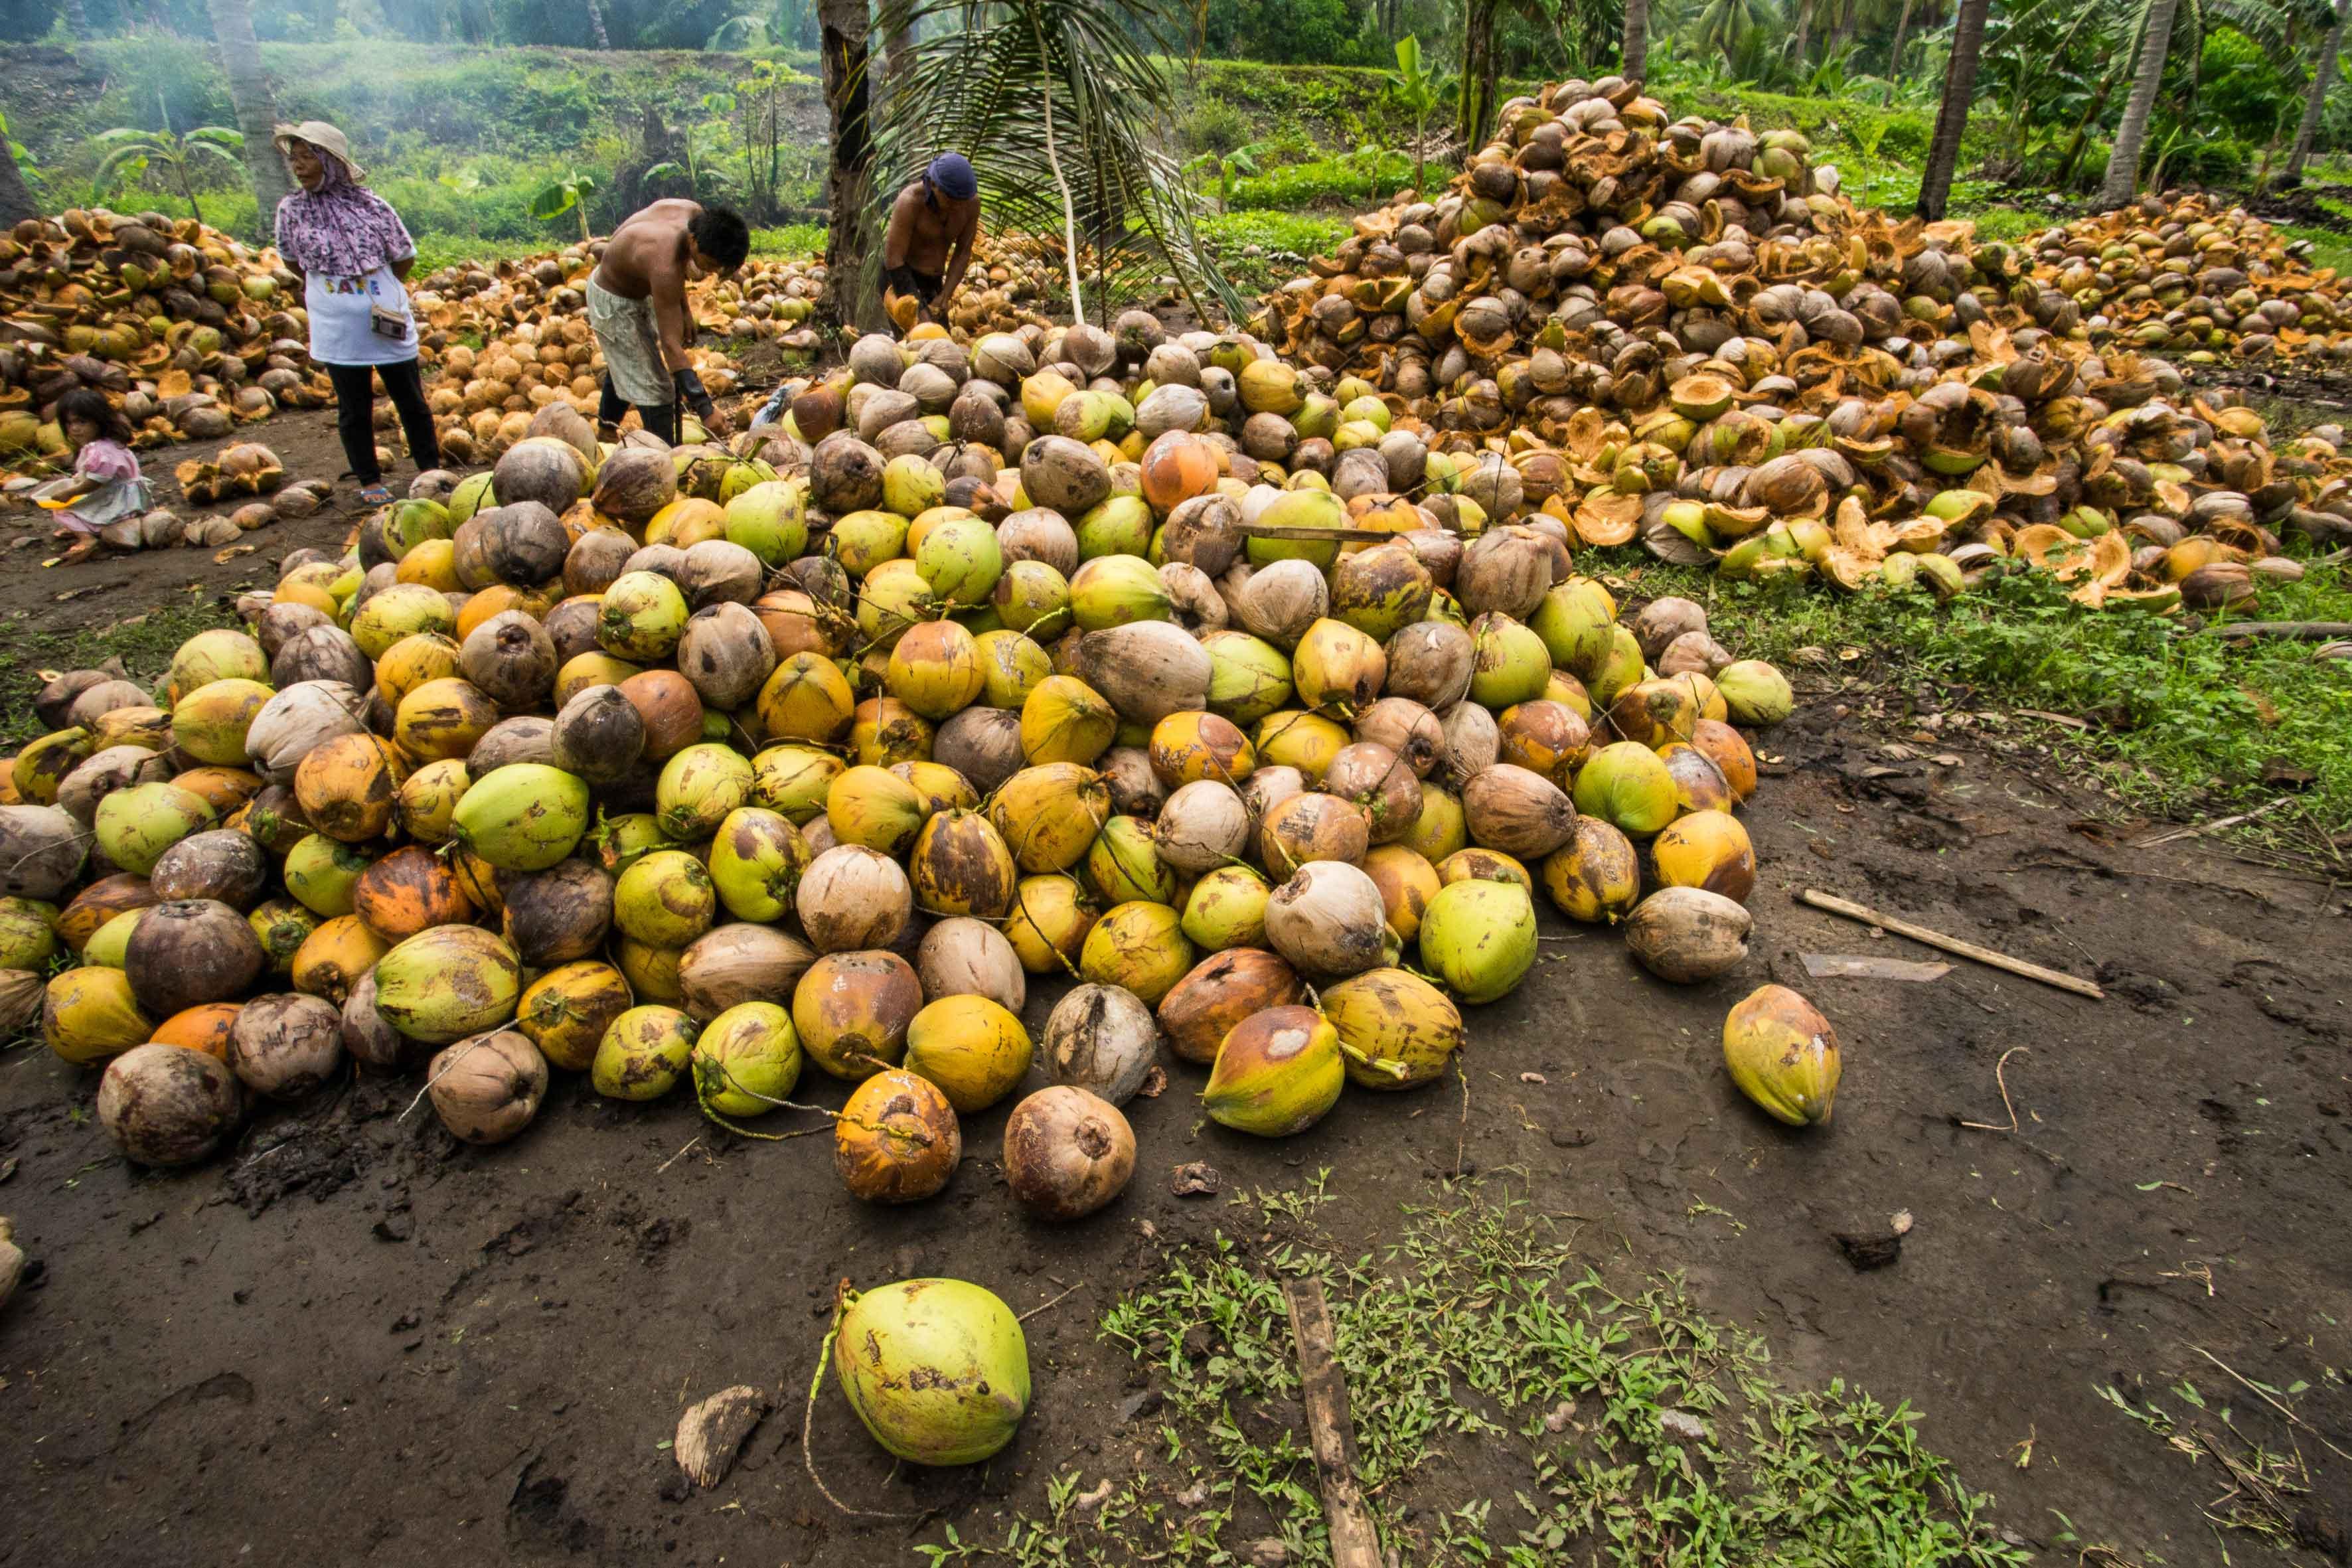 Kokosnüsse nach der Ernte